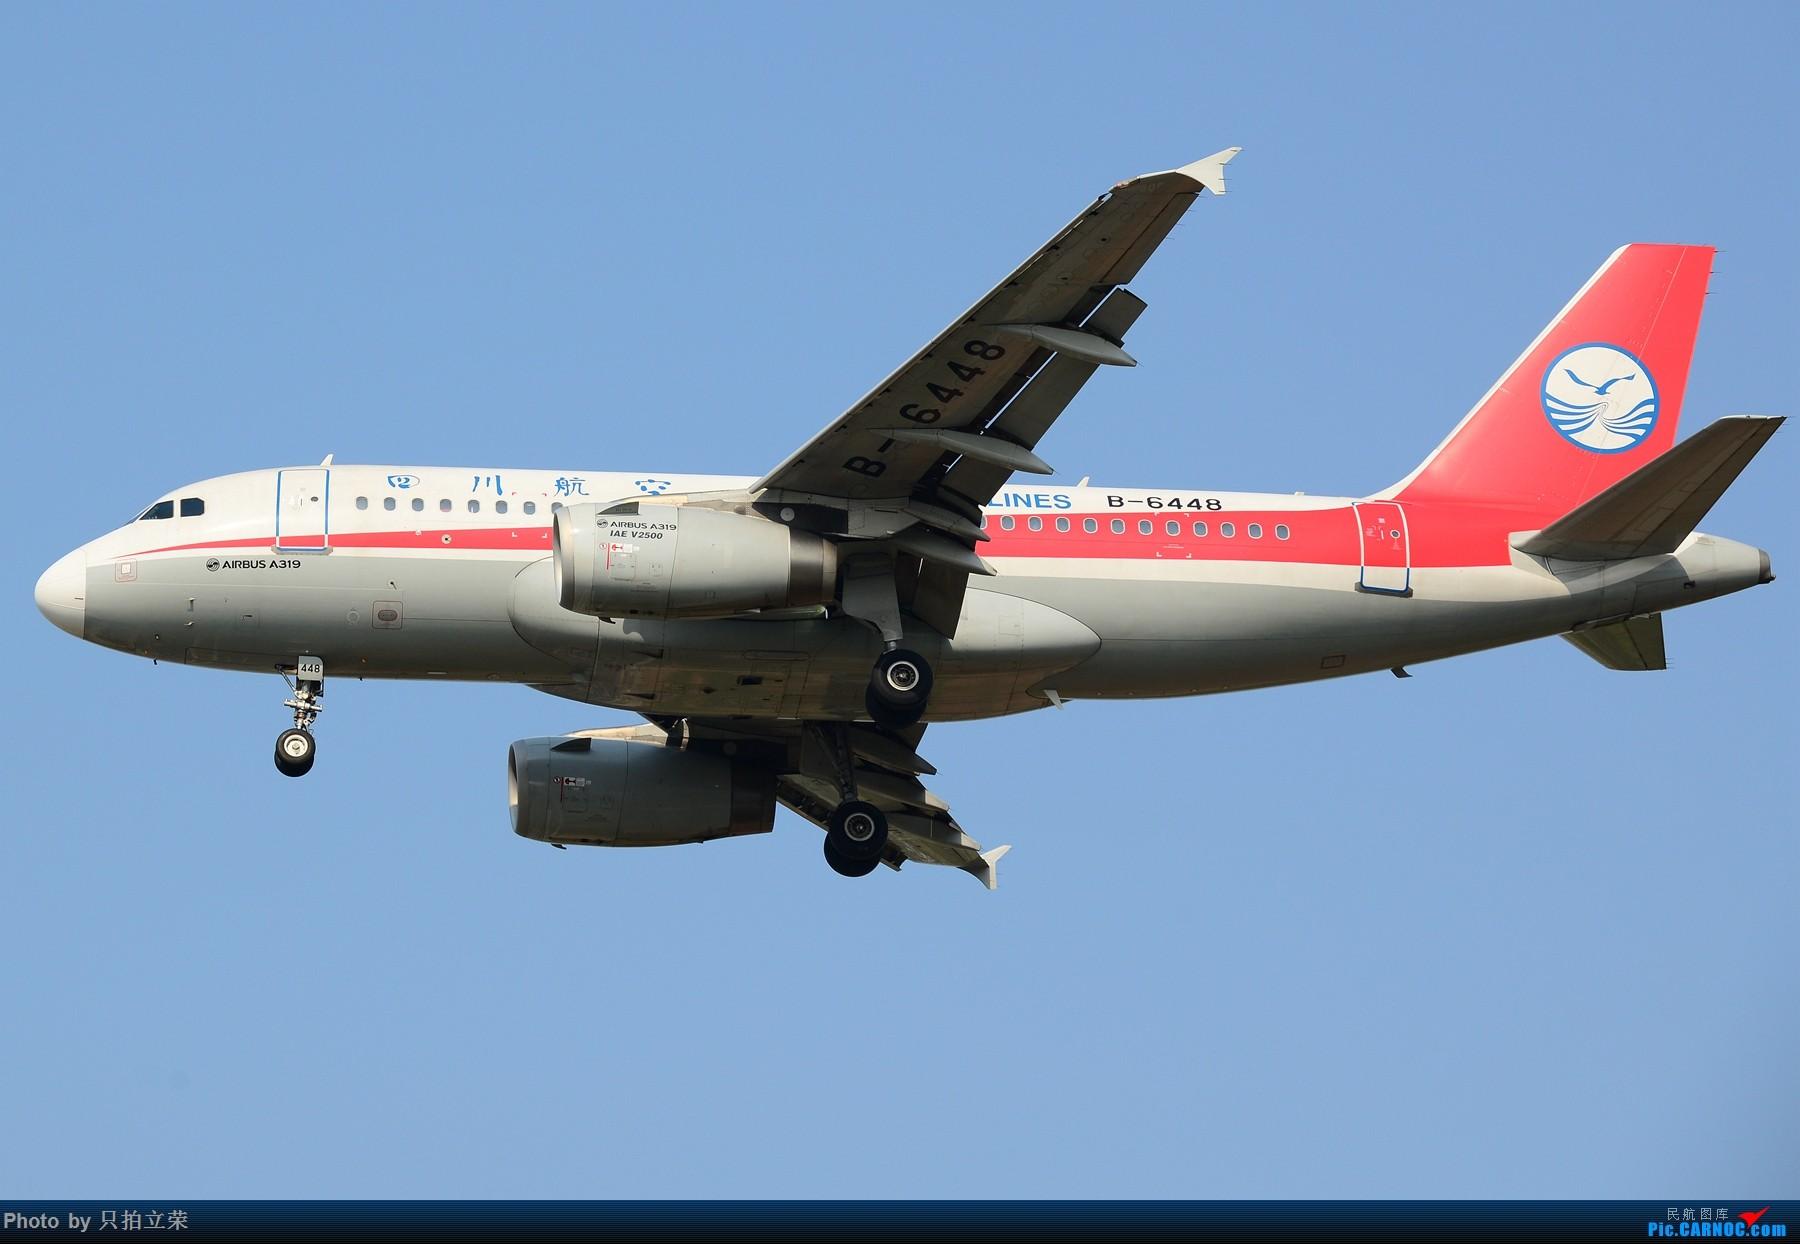 Re:[原创]湖南飞友会:黄花机场首拍飞行的青岛航空,另外好天气不可辜负多送几张好飞机 AIRBUS A319-100 B-6448 中国长沙黄花国际机场